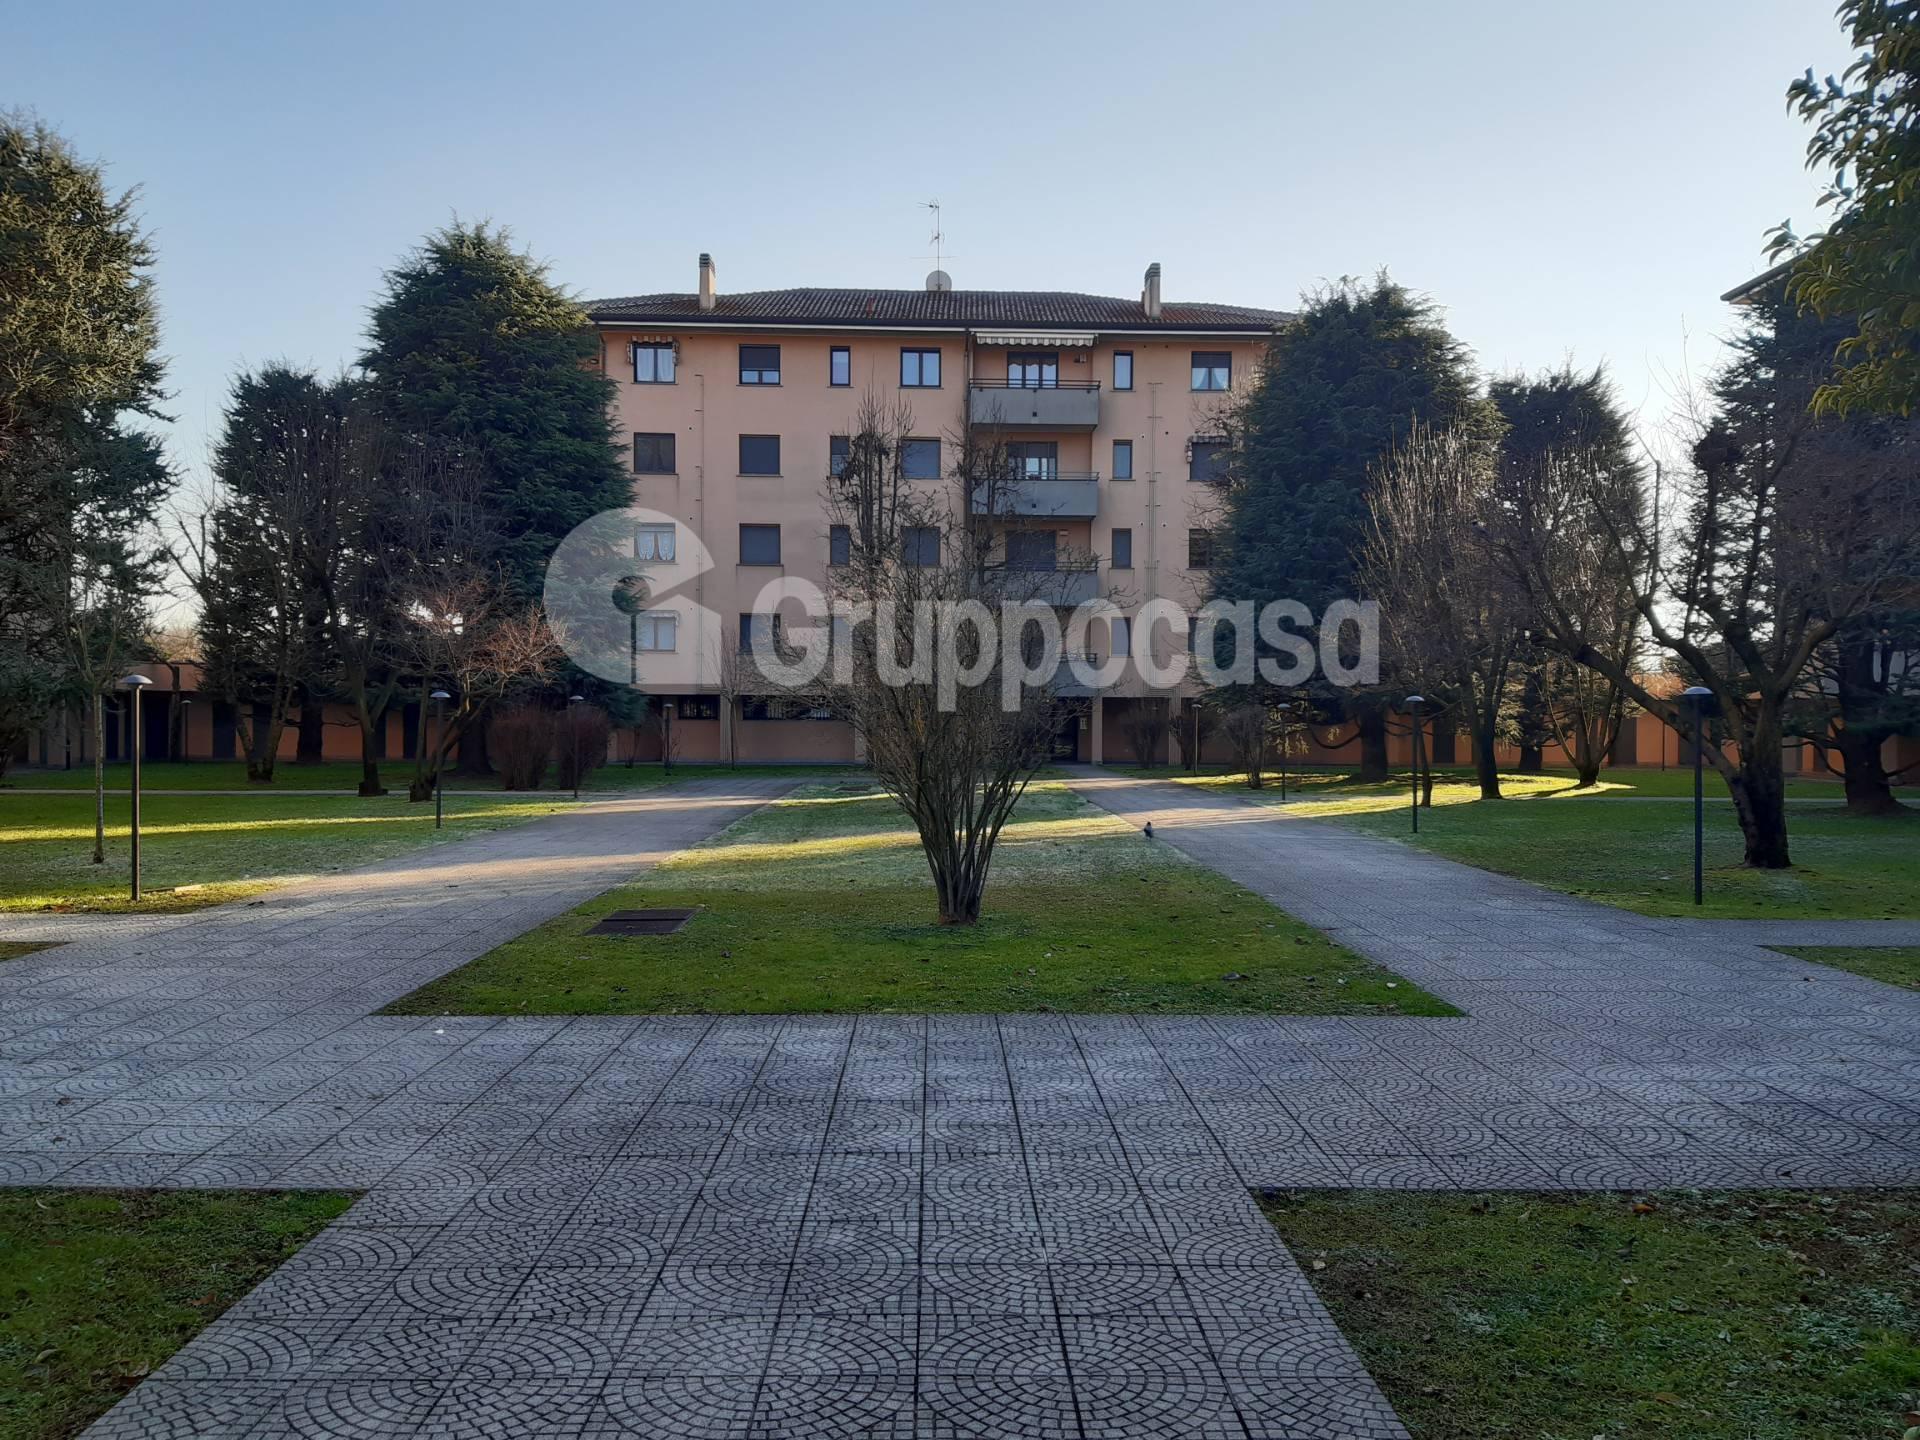 Appartamento in vendita a Corbetta, 3 locali, prezzo € 165.000 | PortaleAgenzieImmobiliari.it